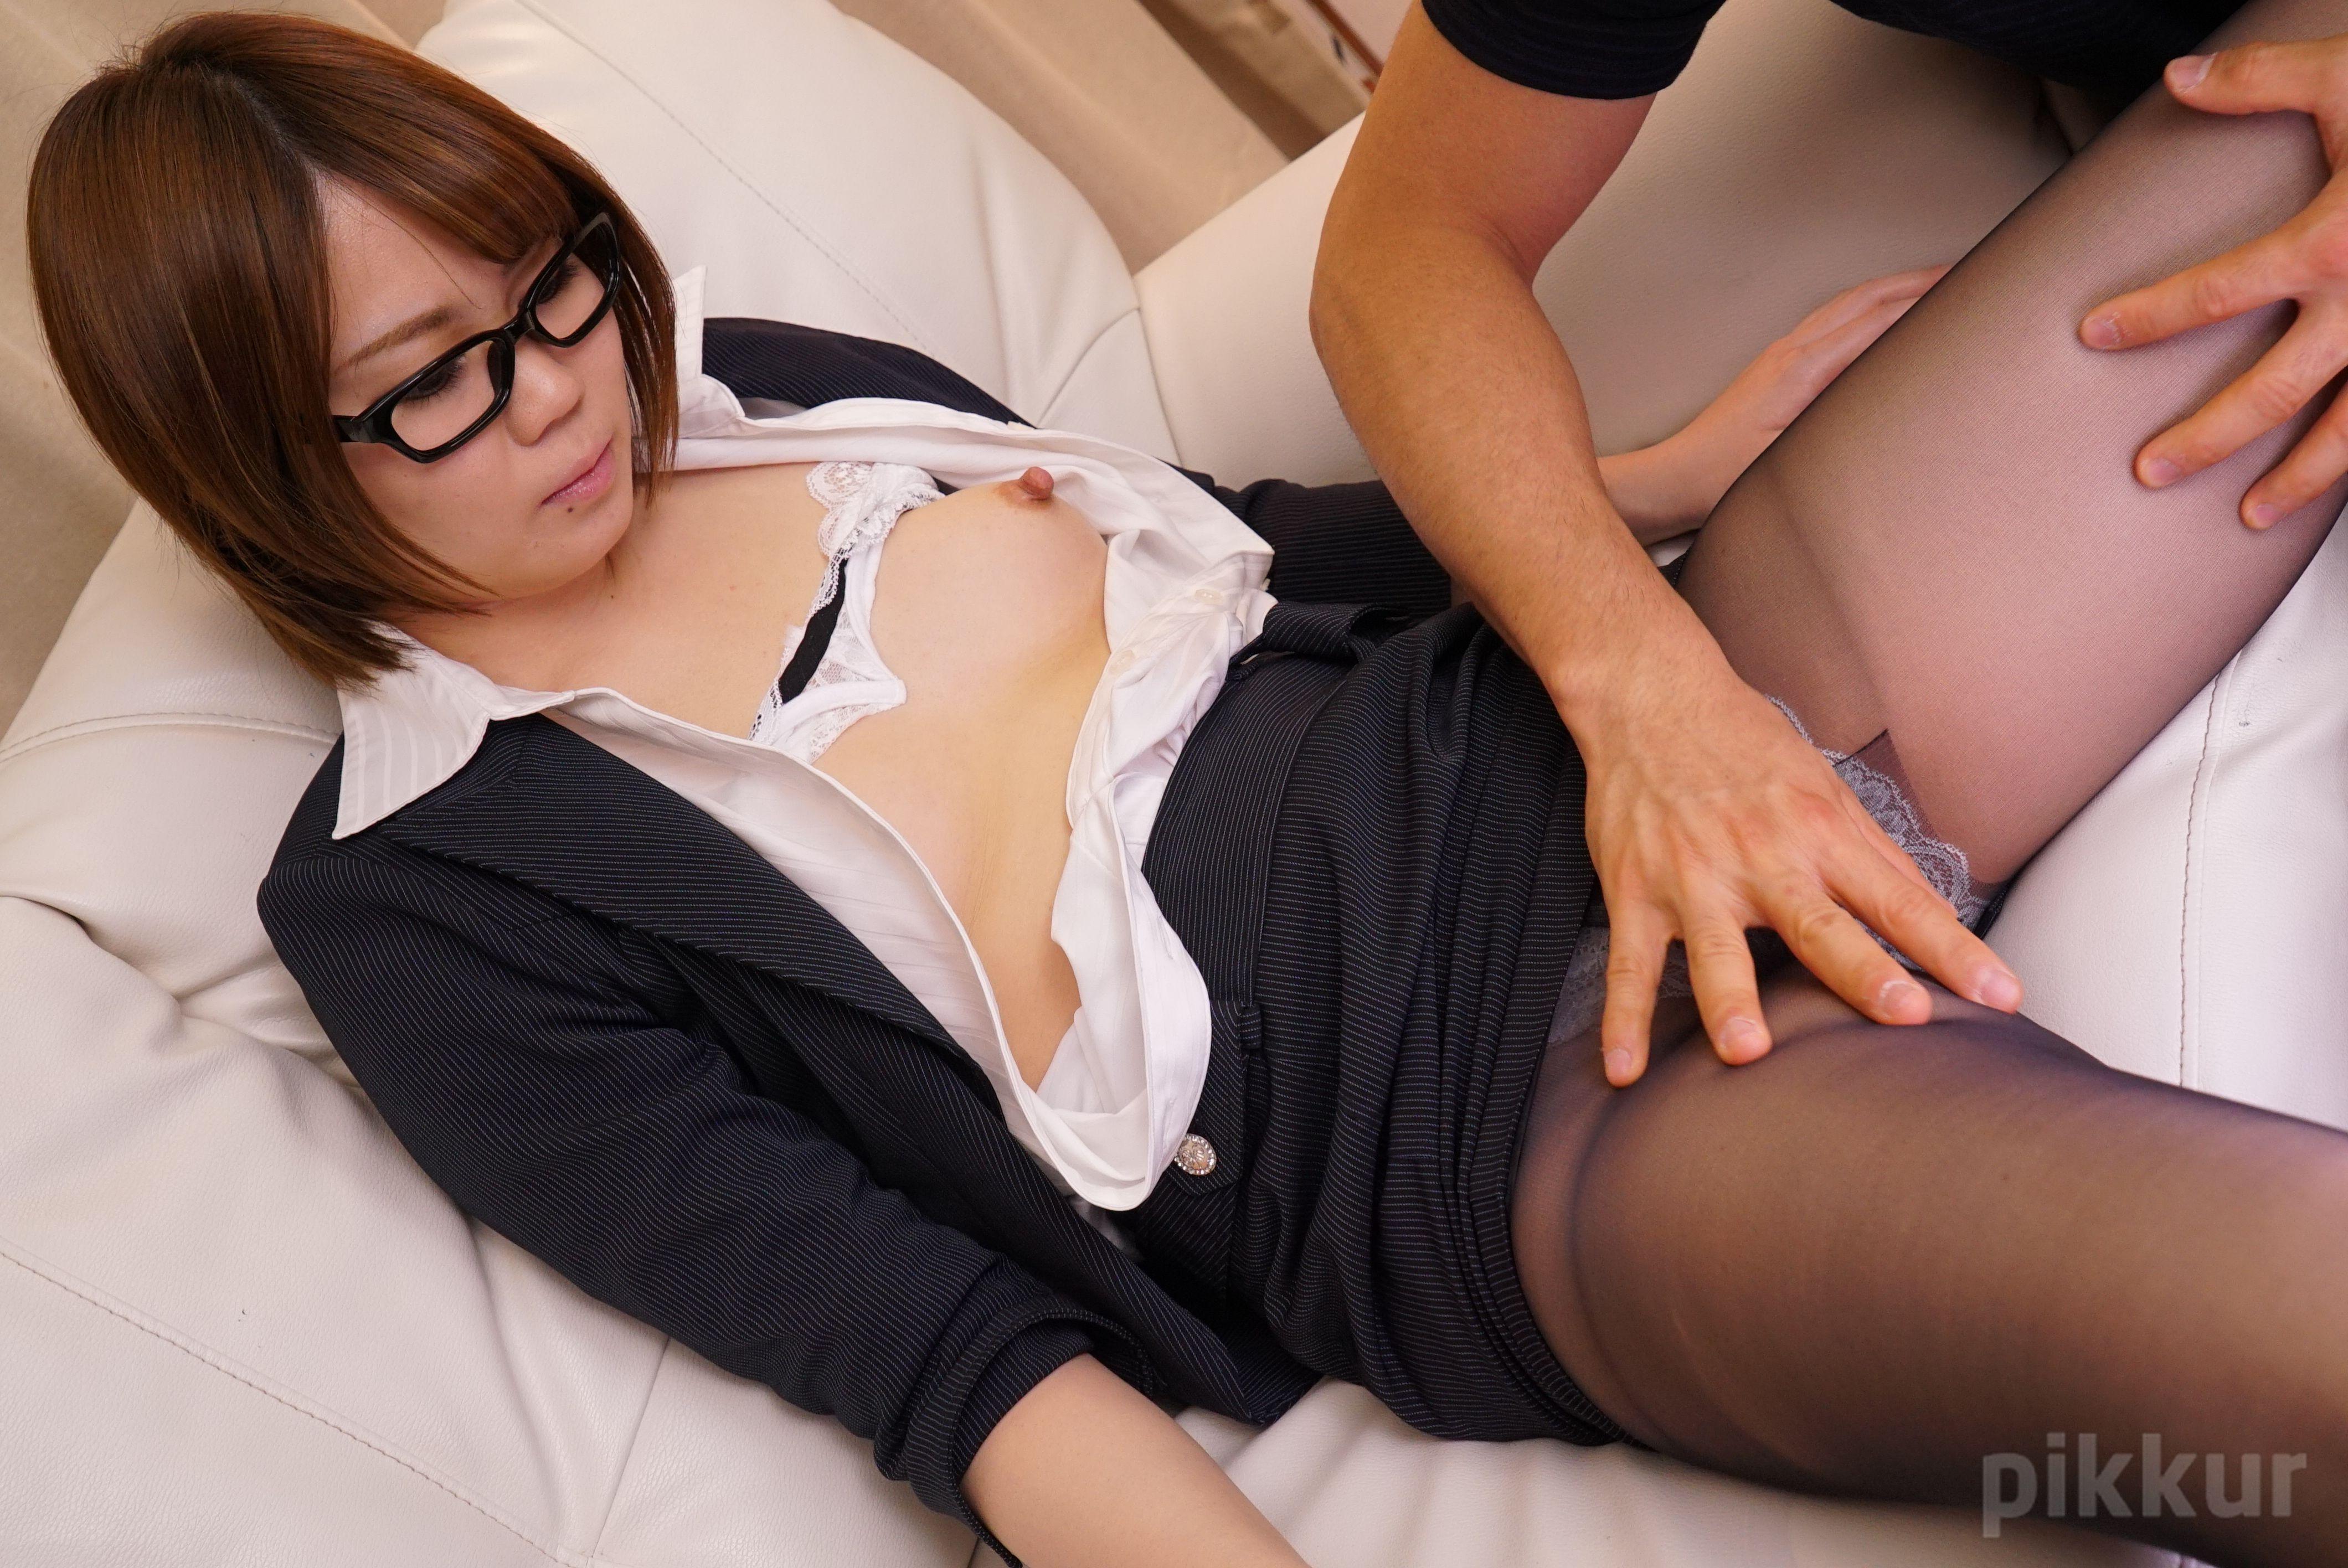 パンツを脱いでもメガネは外しません〜保険外交員〜 斉藤良子 05